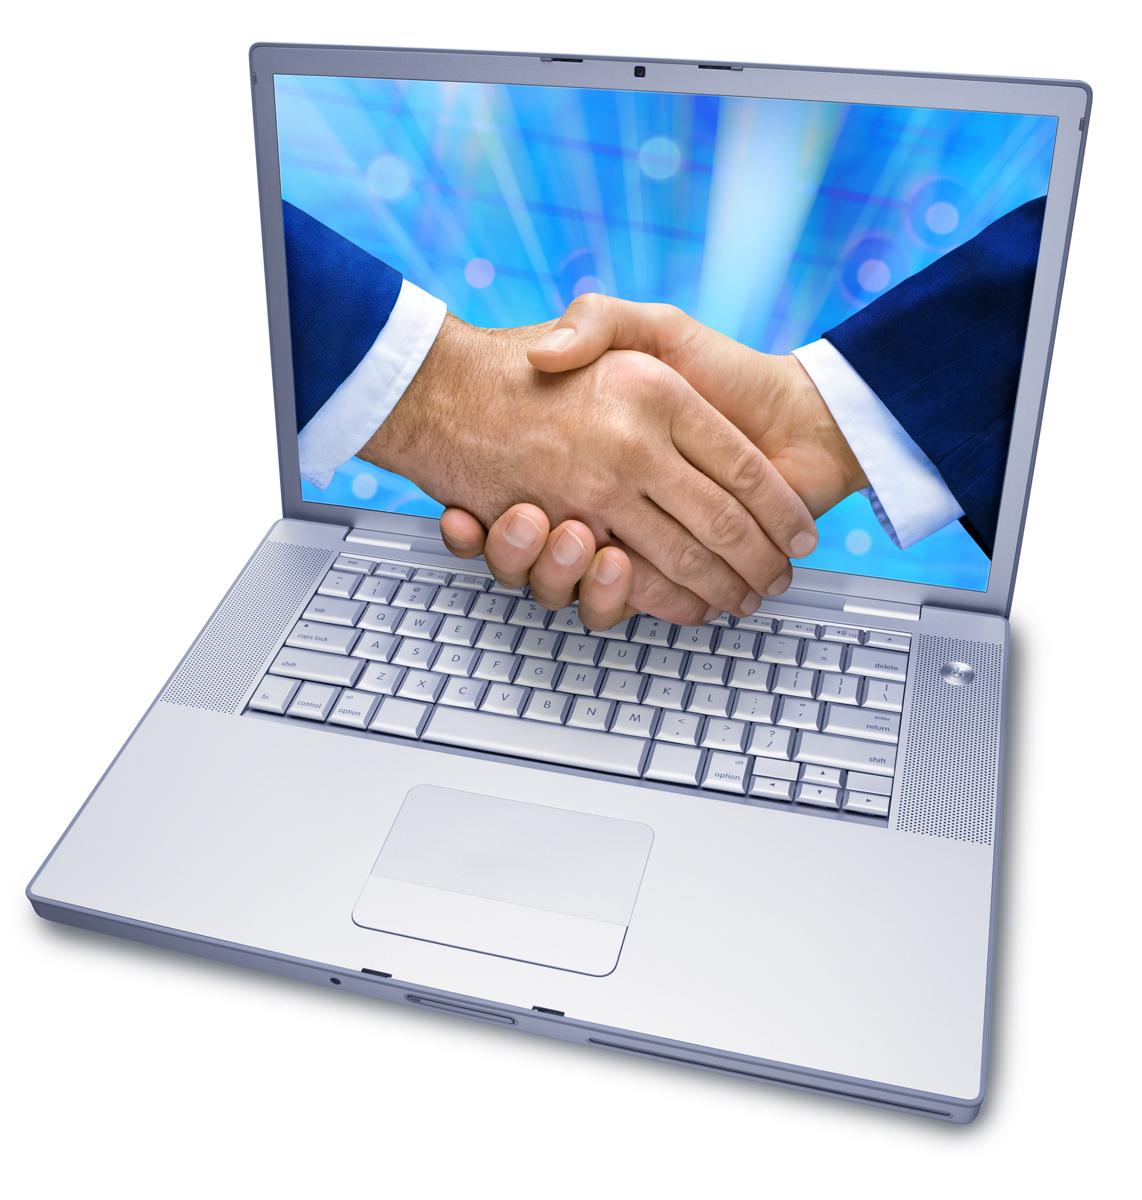 Cheia succesului online – servicii profesioniste si de incredere